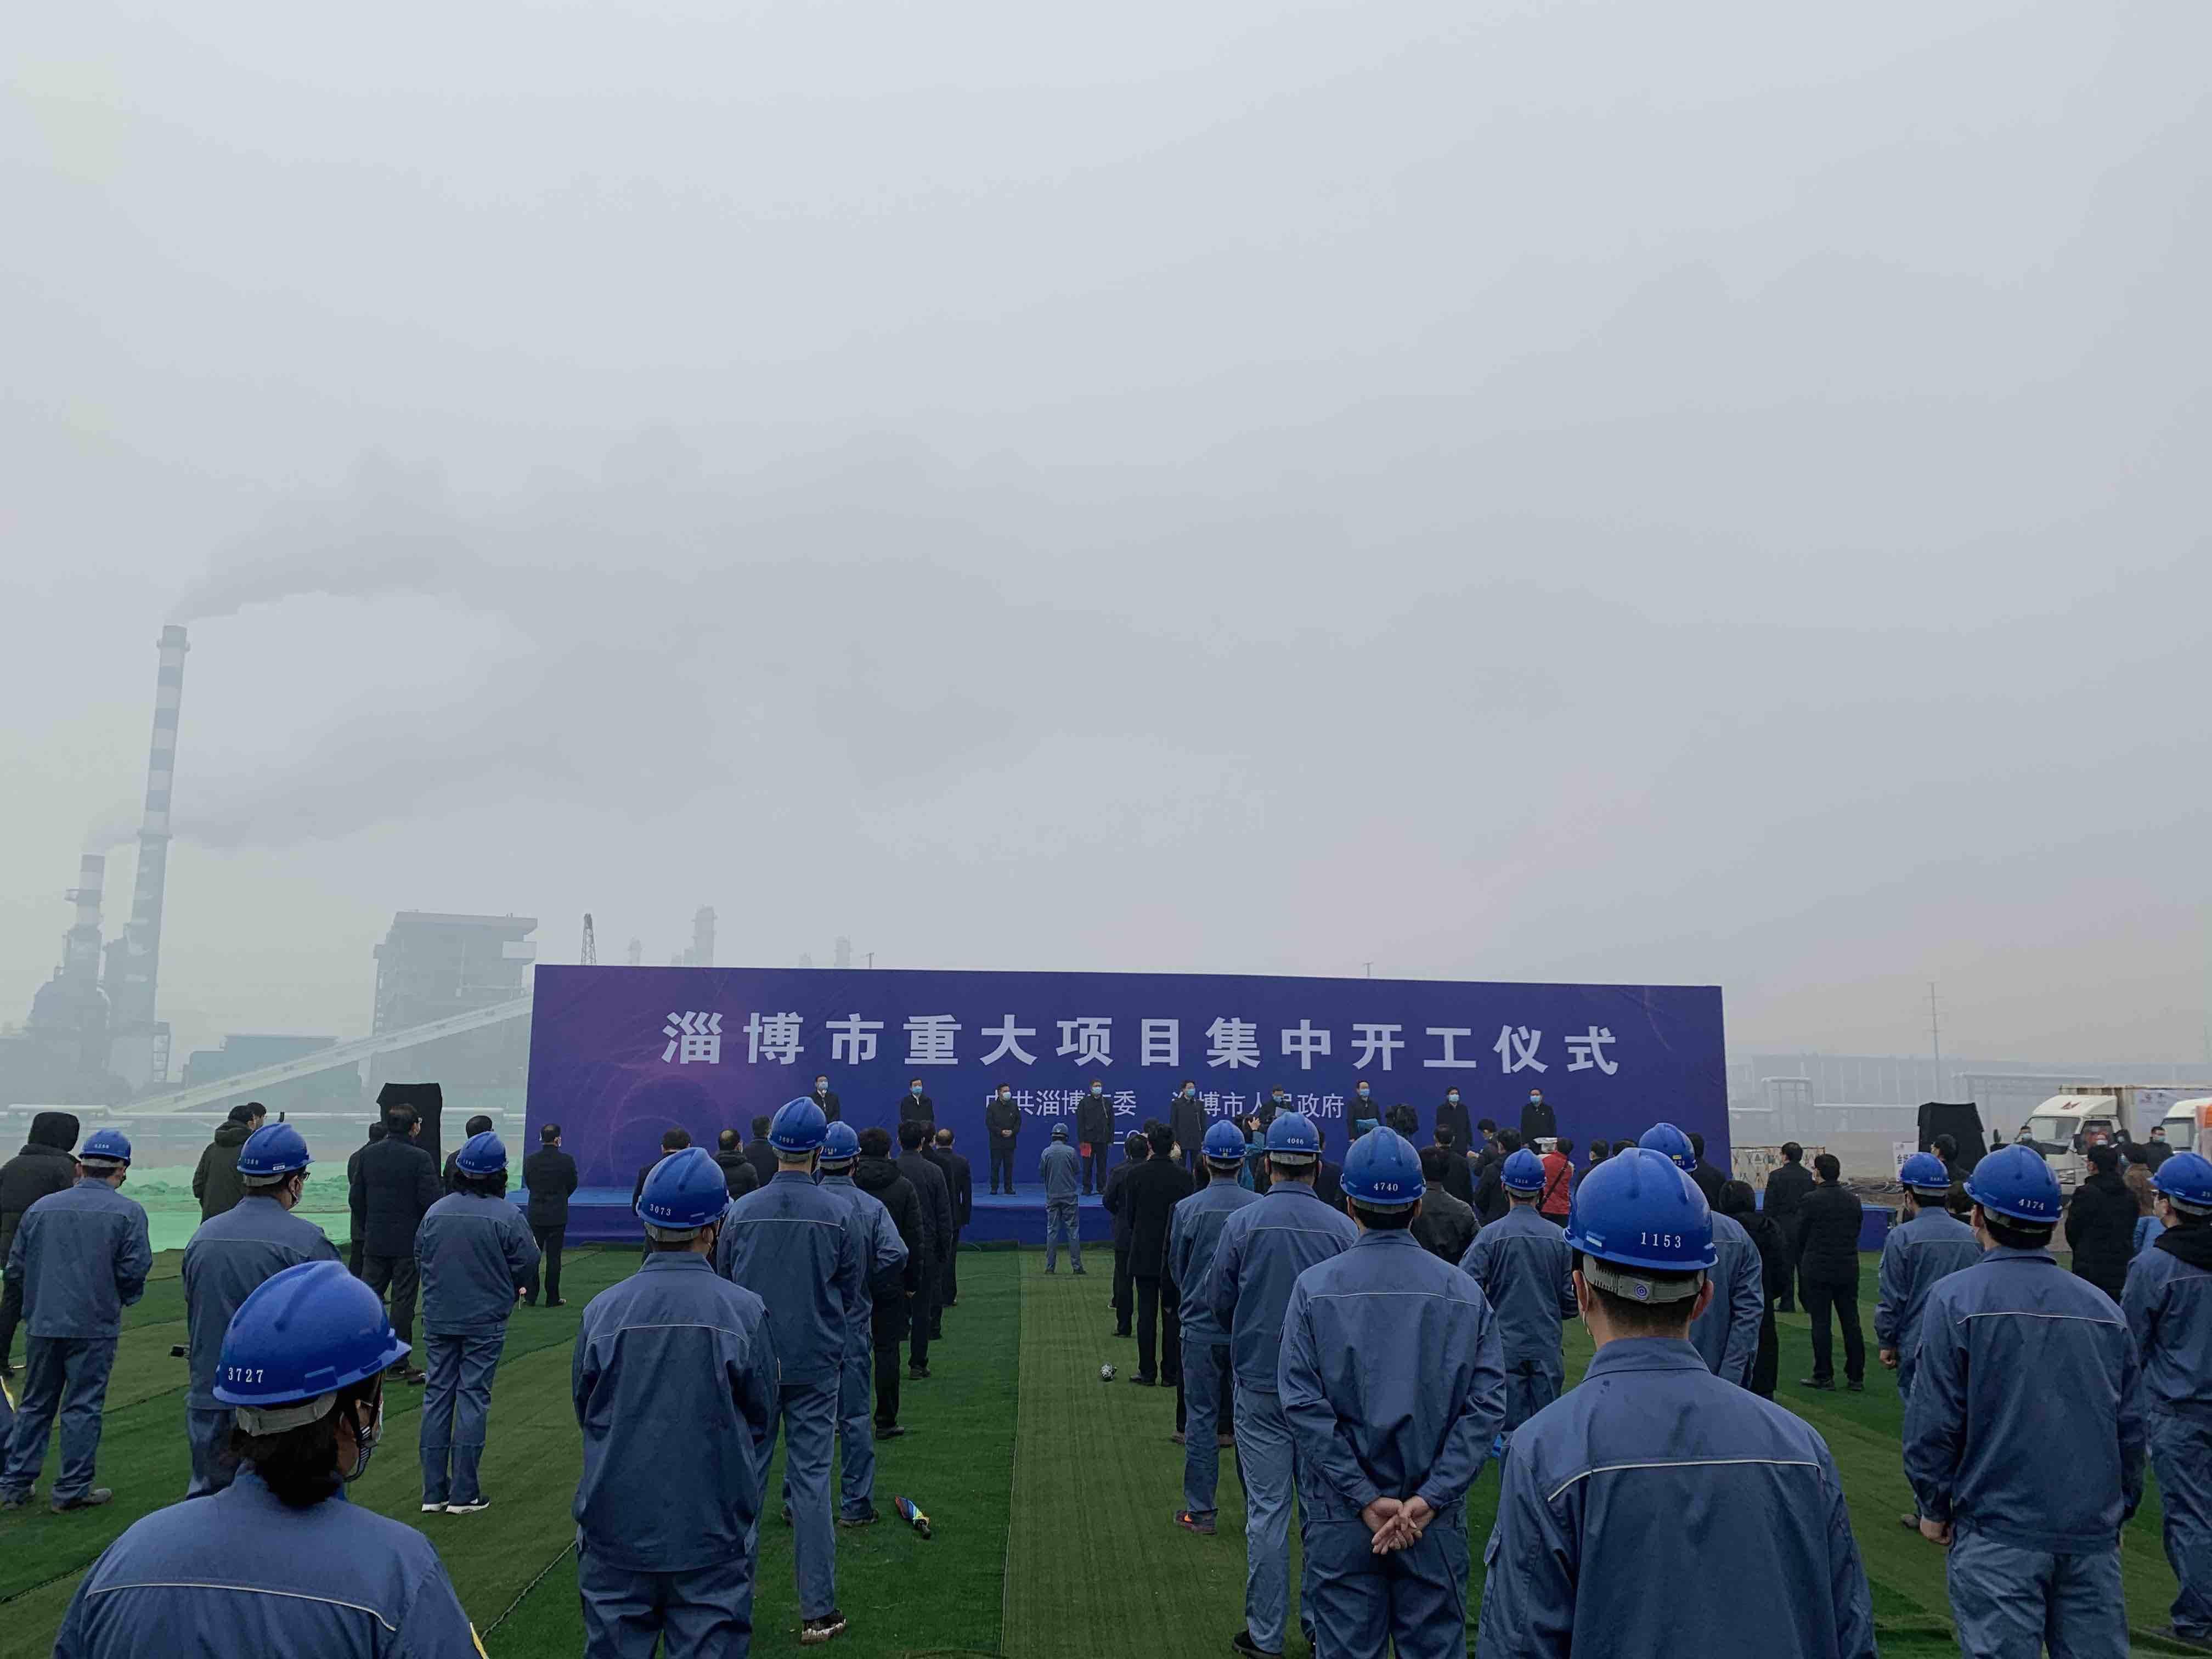 """点燃经济发展""""主引擎"""" 淄博198个项目集中开工总投资1550亿元"""